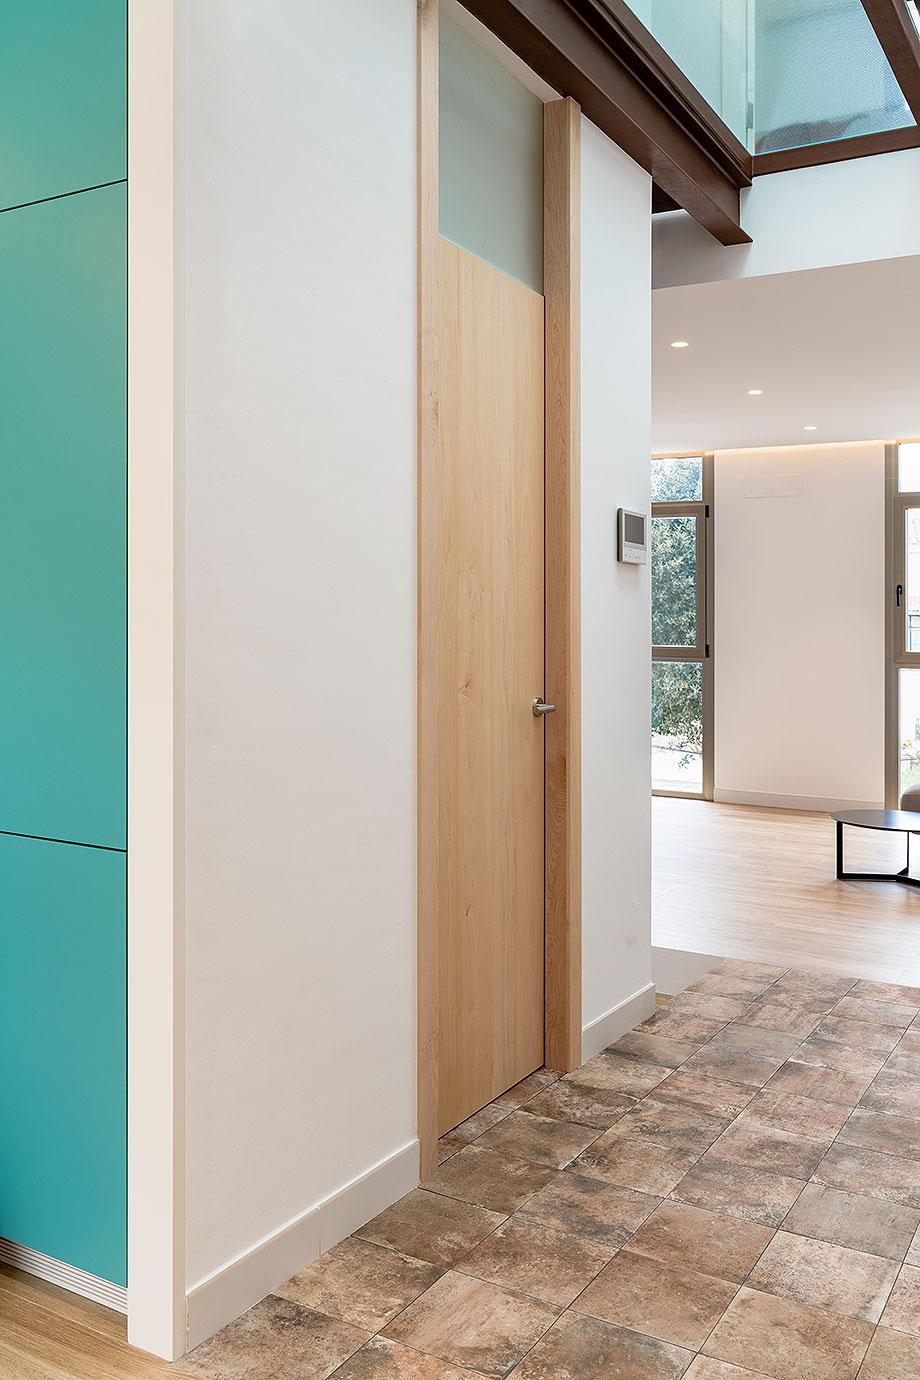 de garaje a vivienda por liniarquitectura (10) - foto laura tomas